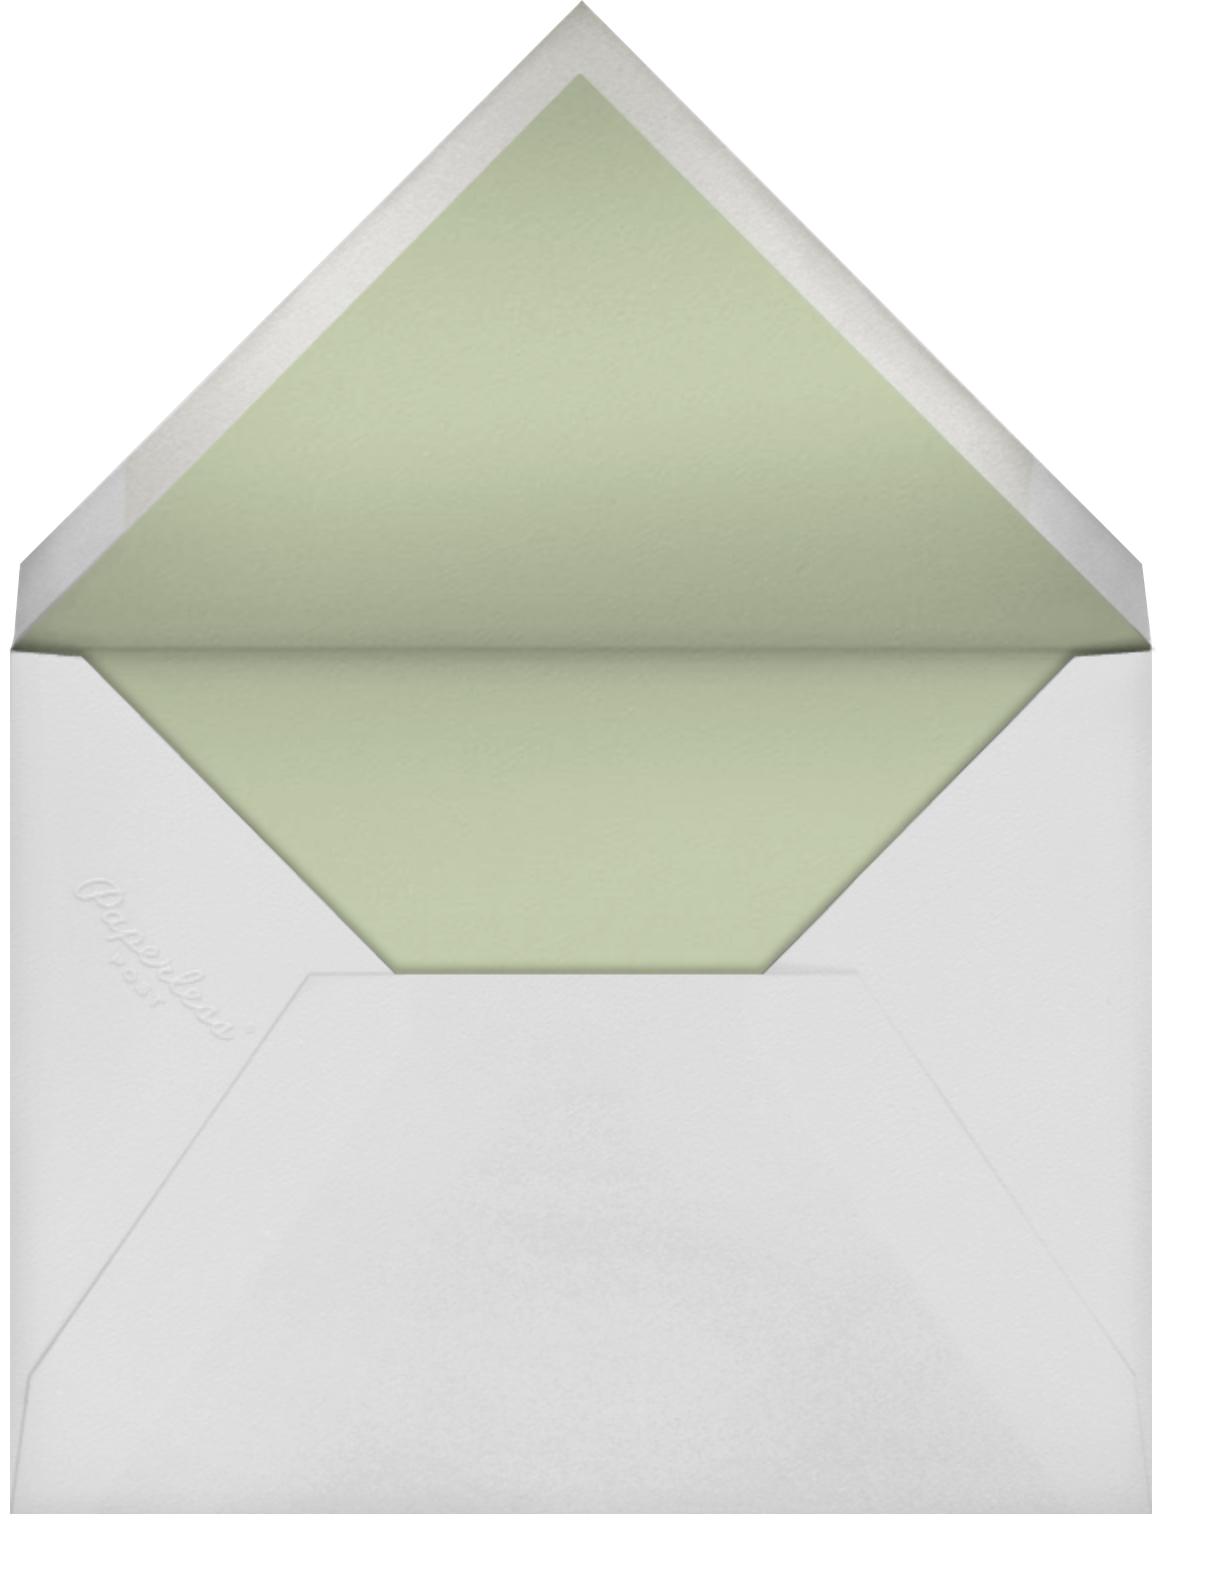 Love Nest (Invitation) - Paperless Post - General entertaining - envelope back